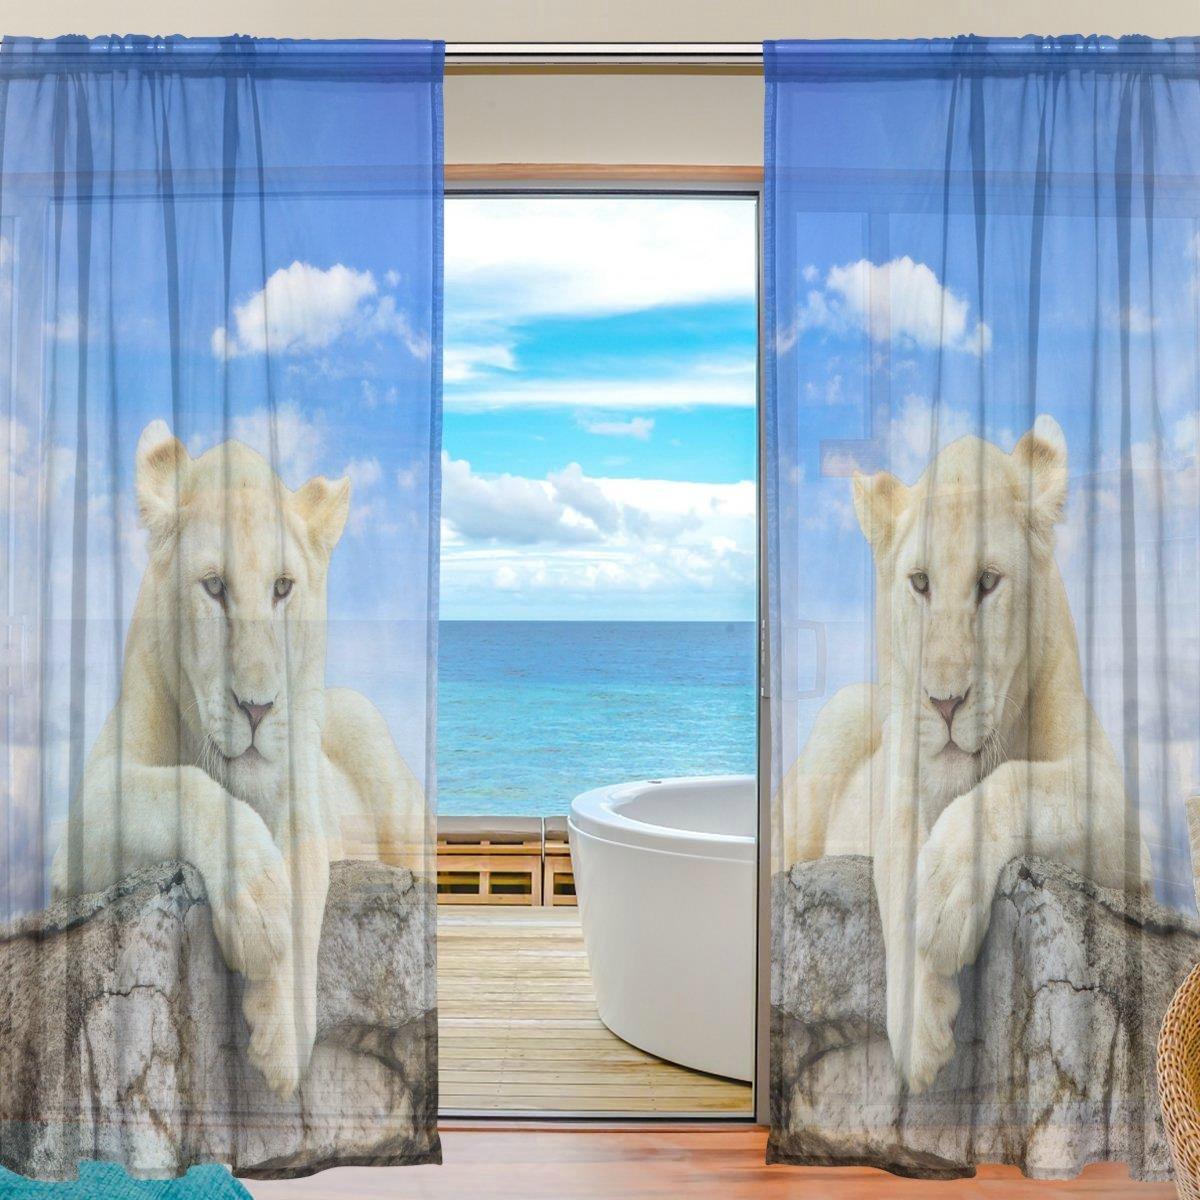 FFY Go Sheer Voile Fenster Vorhang Funny Tiger Mountain bedrucktes Weiches Material f/ür Schlafzimmer Wohnzimmer K/üche Decor Home T/ür Dekoration 2/Felder 198,1/x 139,7/cm